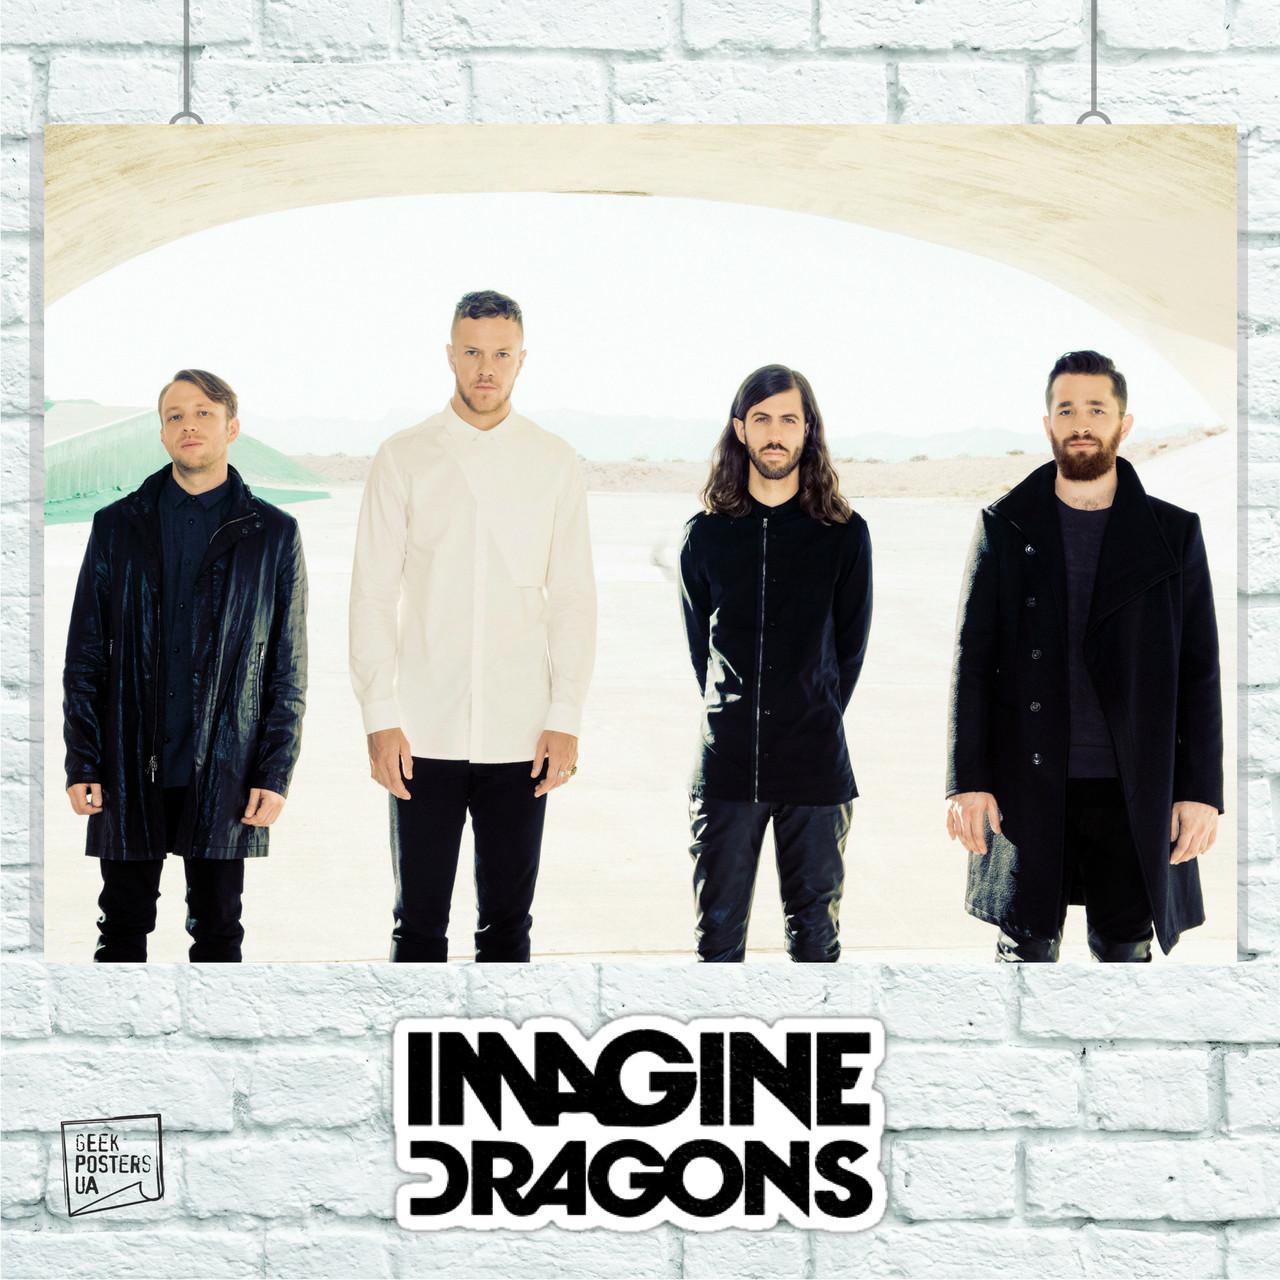 Постер Imagine Dragons (участники, белый фон). Размер 60x42см (A2). Глянцевая бумага